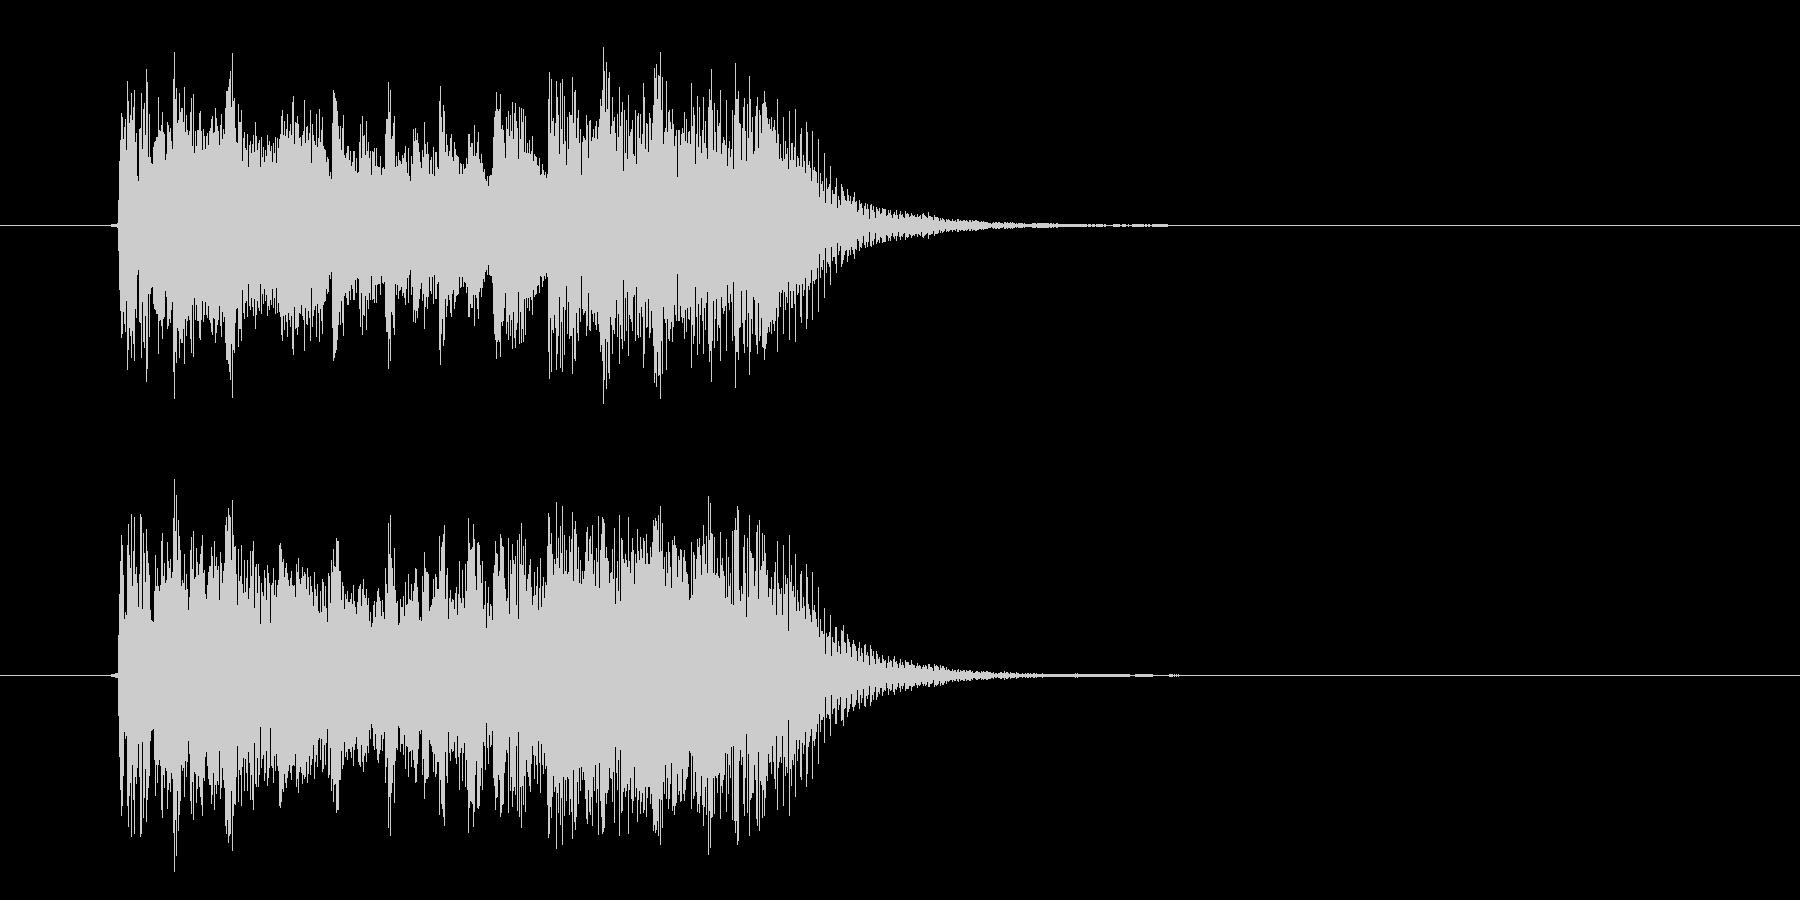 スピード感あるハイテクなジングルサウンドの未再生の波形